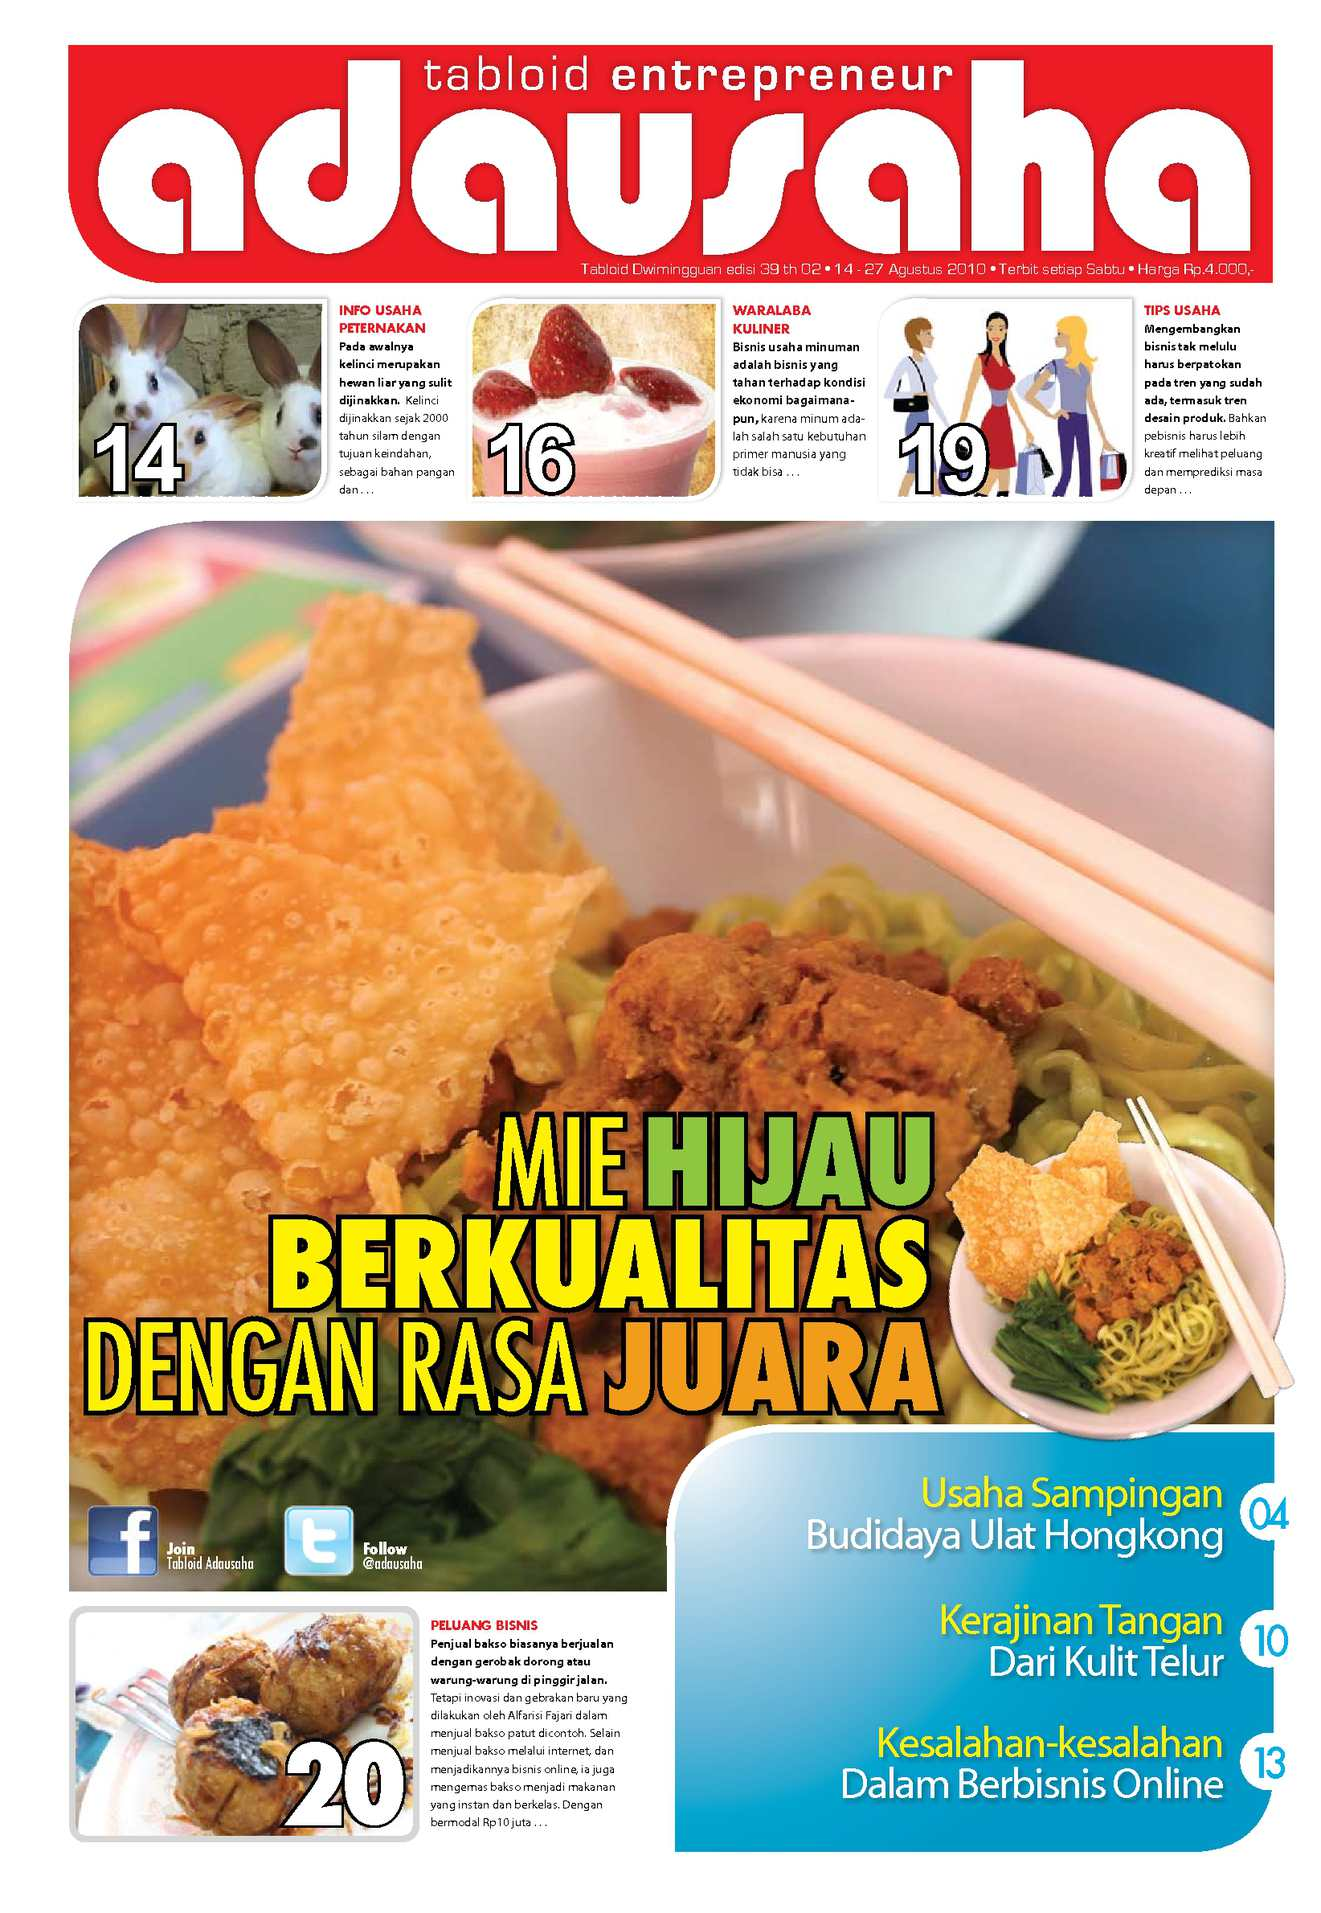 Calamo Adausaha Ed39 Produk Ukm Bumn Kripik Kripixx Jamoer Jamur Surabaya